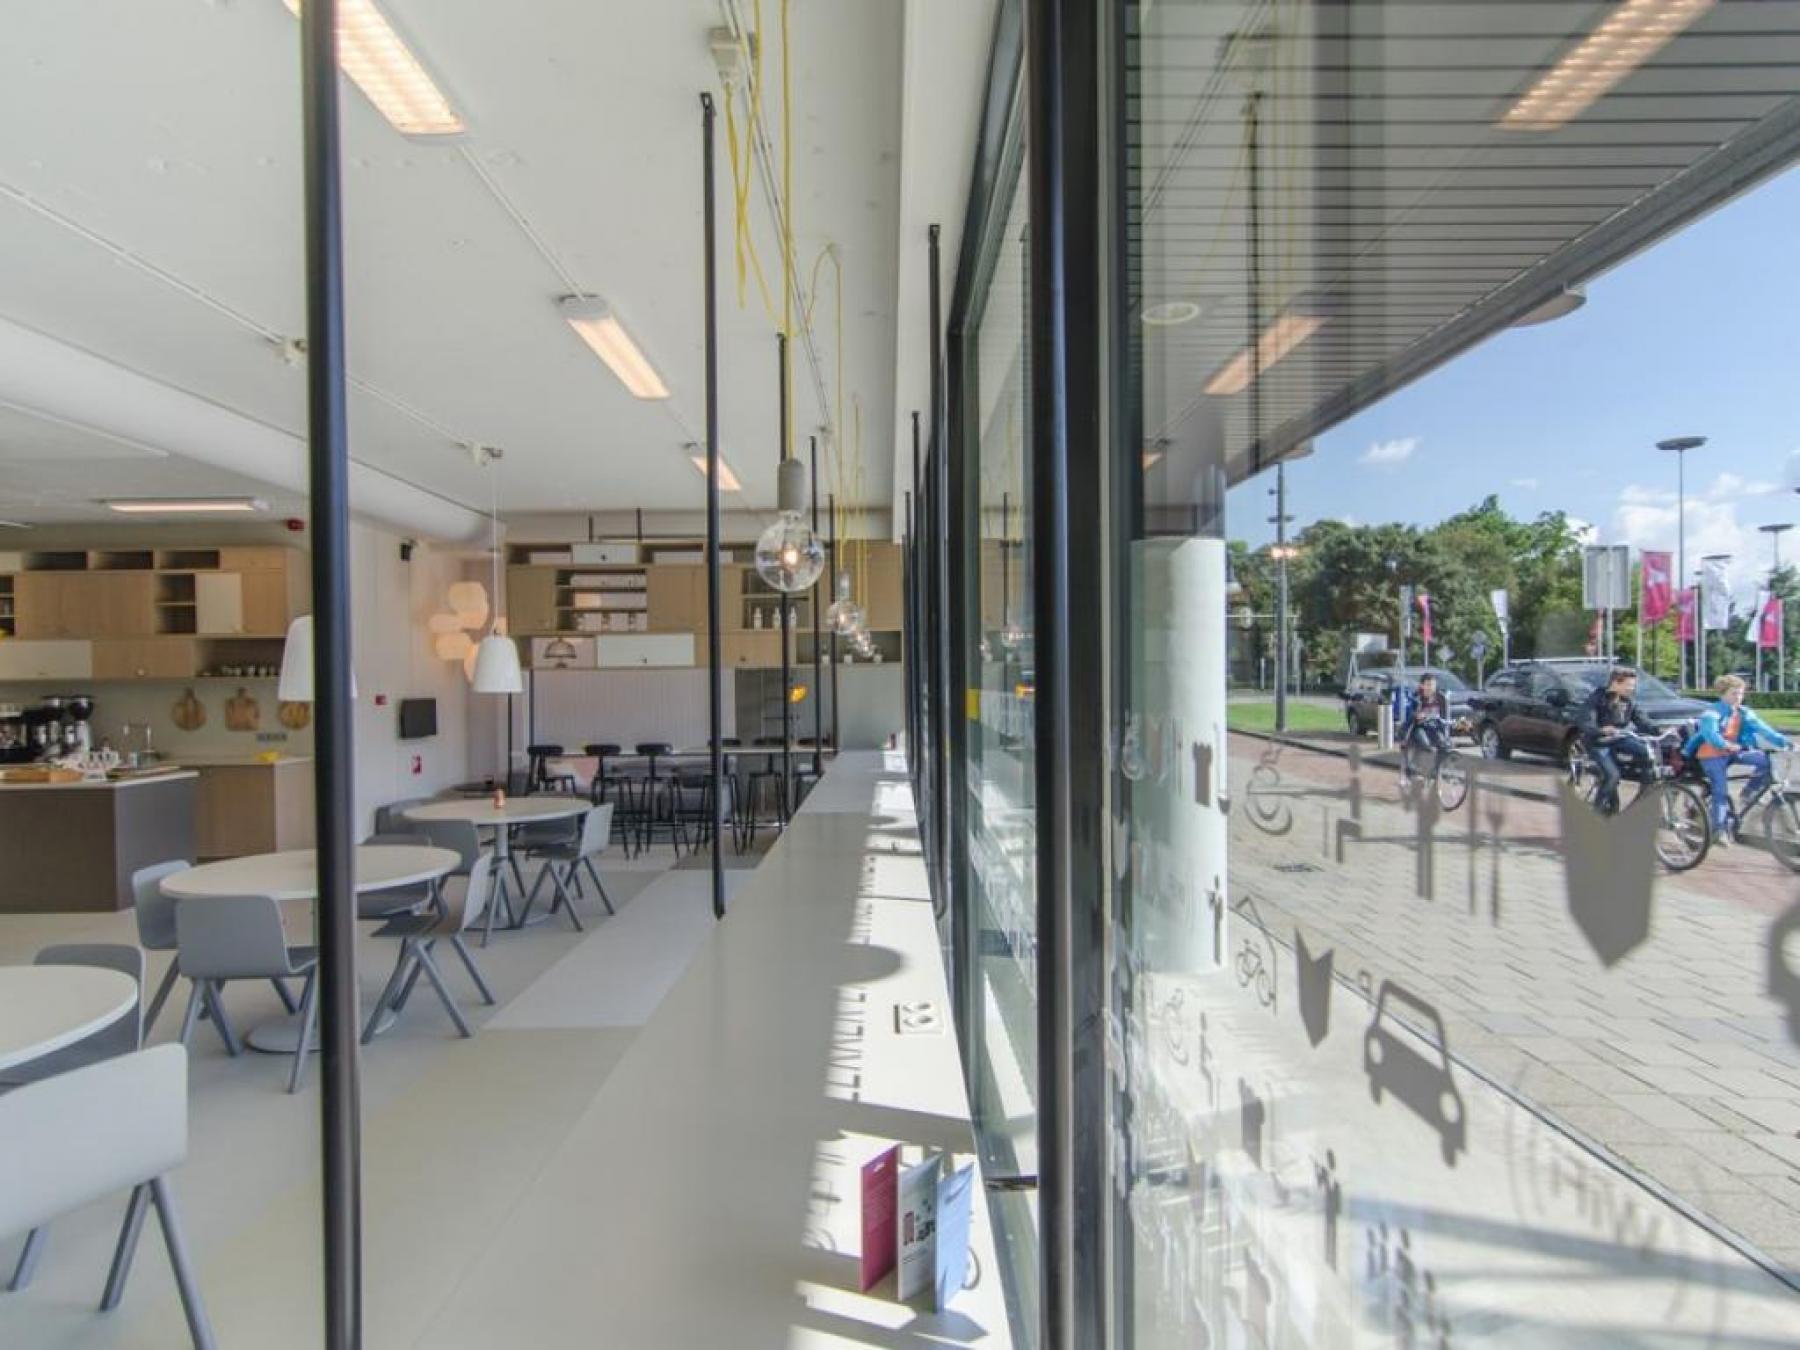 gemeenschappelijke ruimte entree lunchruimte arnhem